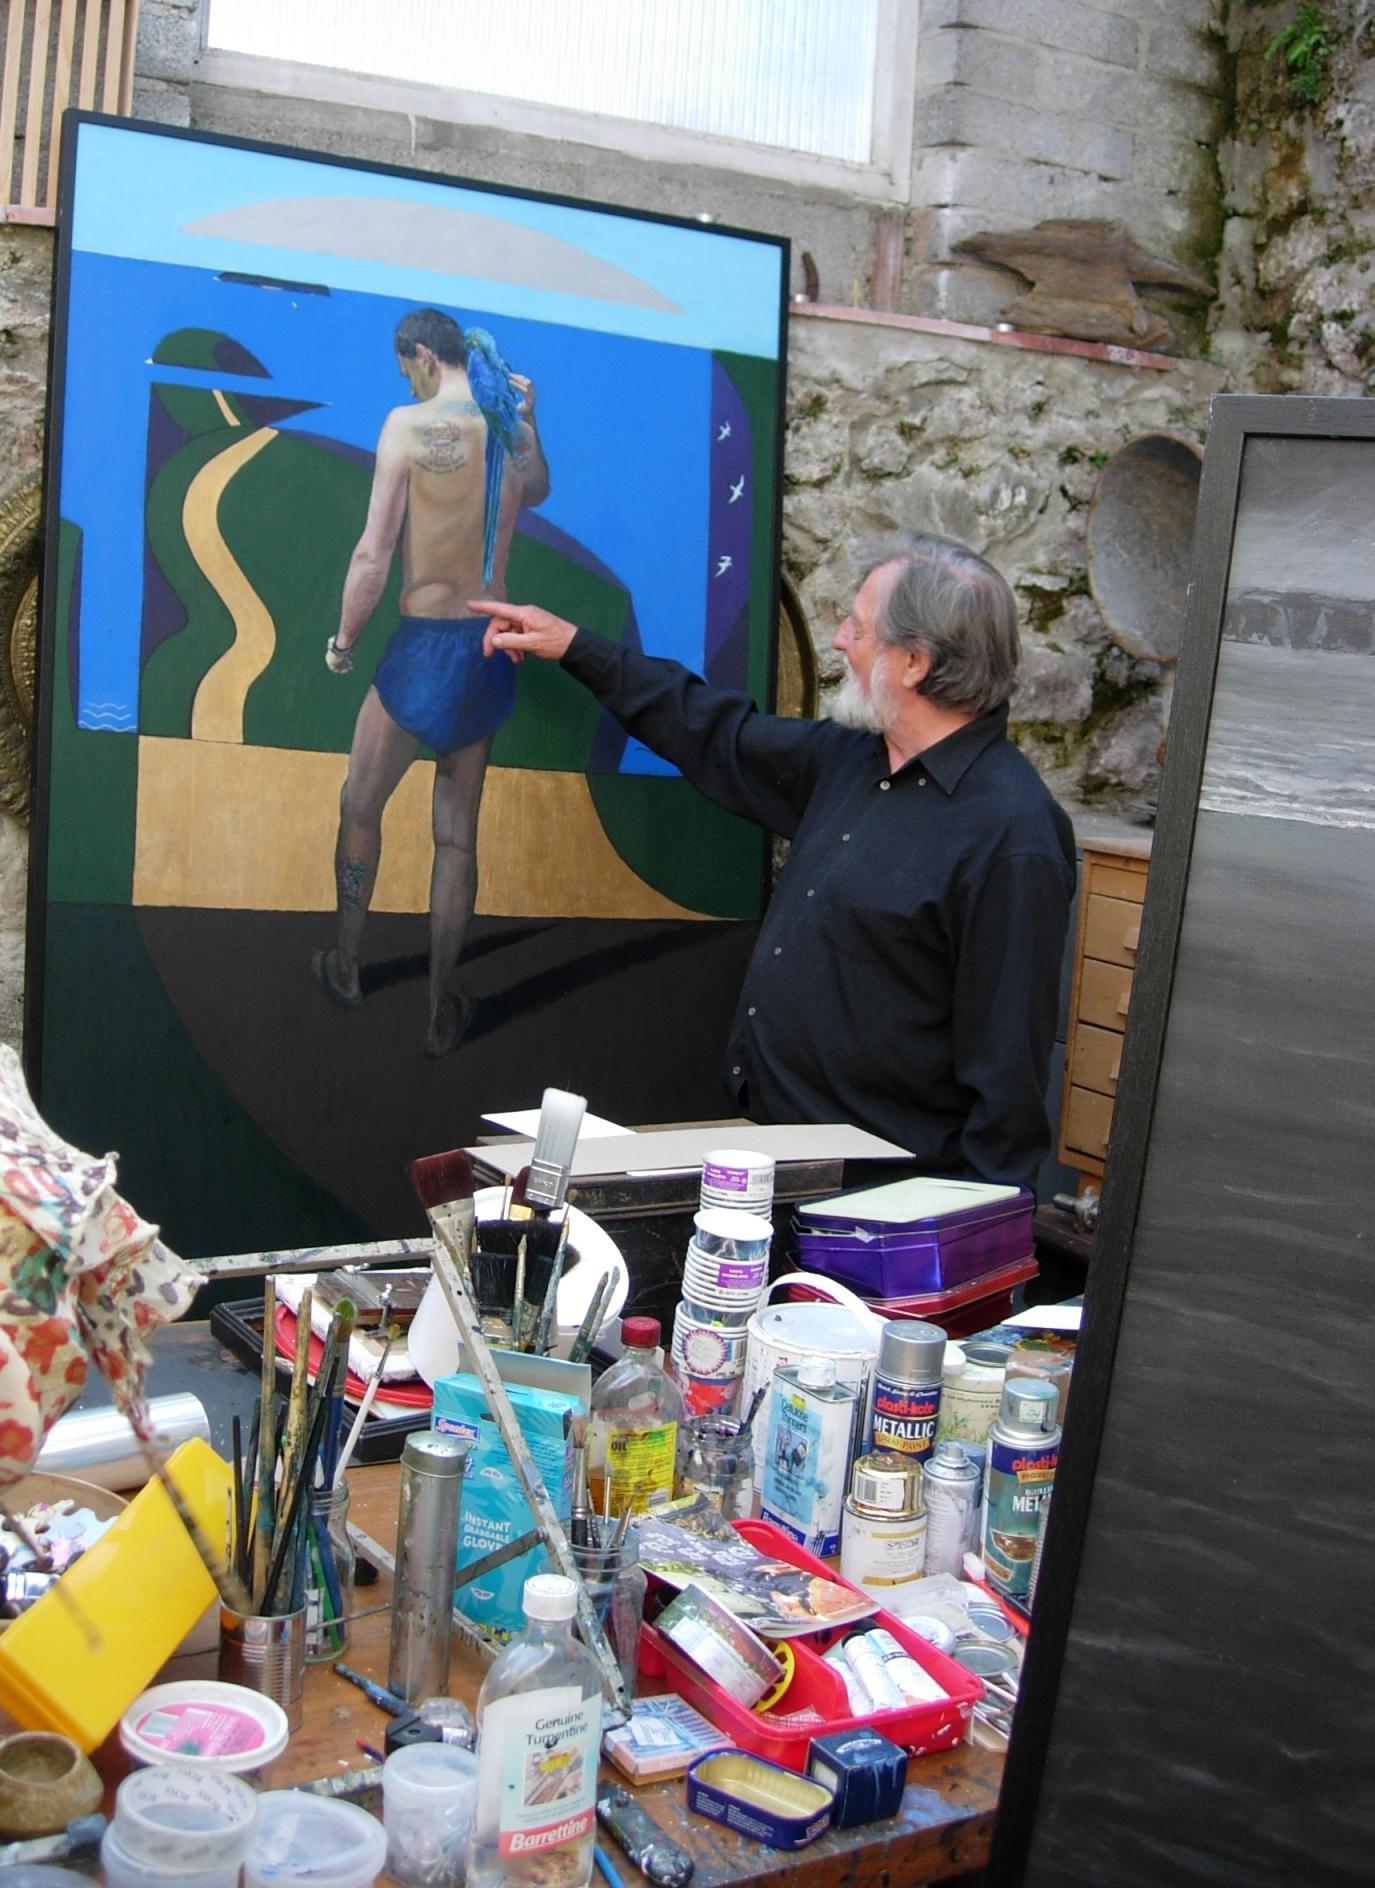 Philip Muirden in his studio, Milford Haven, 27 July 2007